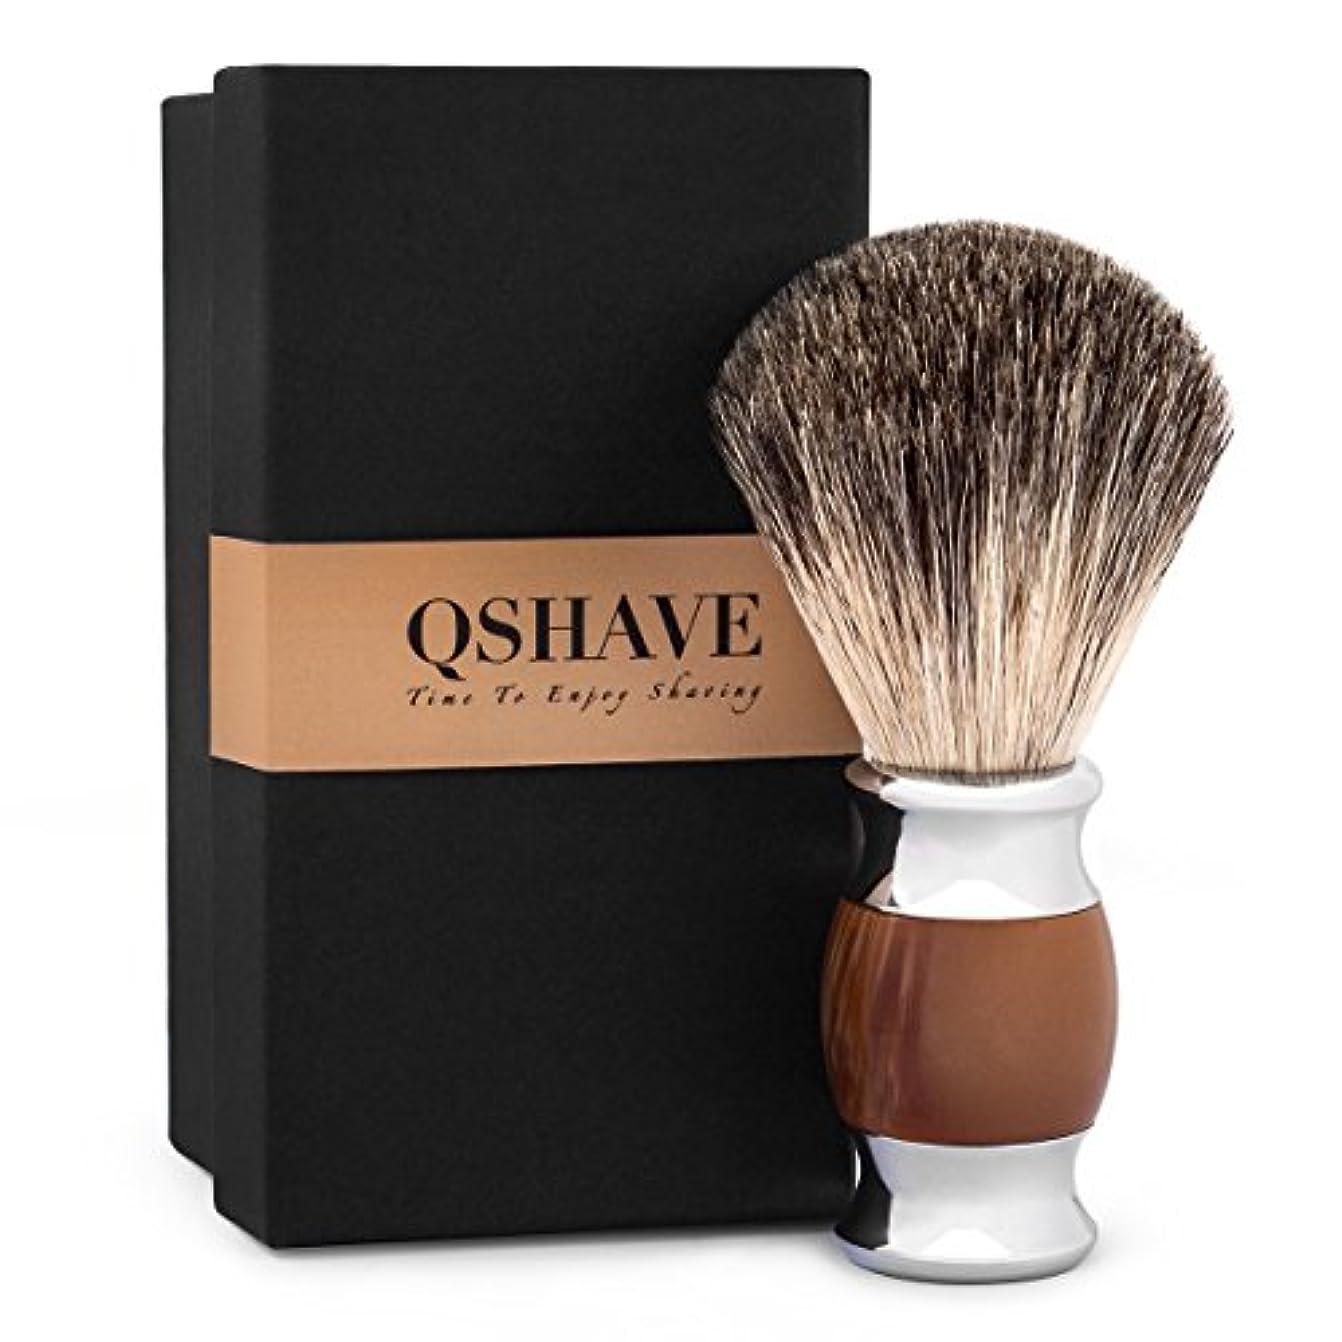 原理グラマー巻き取りQSHAVE 100%最高級アナグマ毛オリジナルハンドメイドシェービングブラシ。人工メノウ ハンドル。ウェットシェービング、安全カミソリ、両刃カミソリに最適